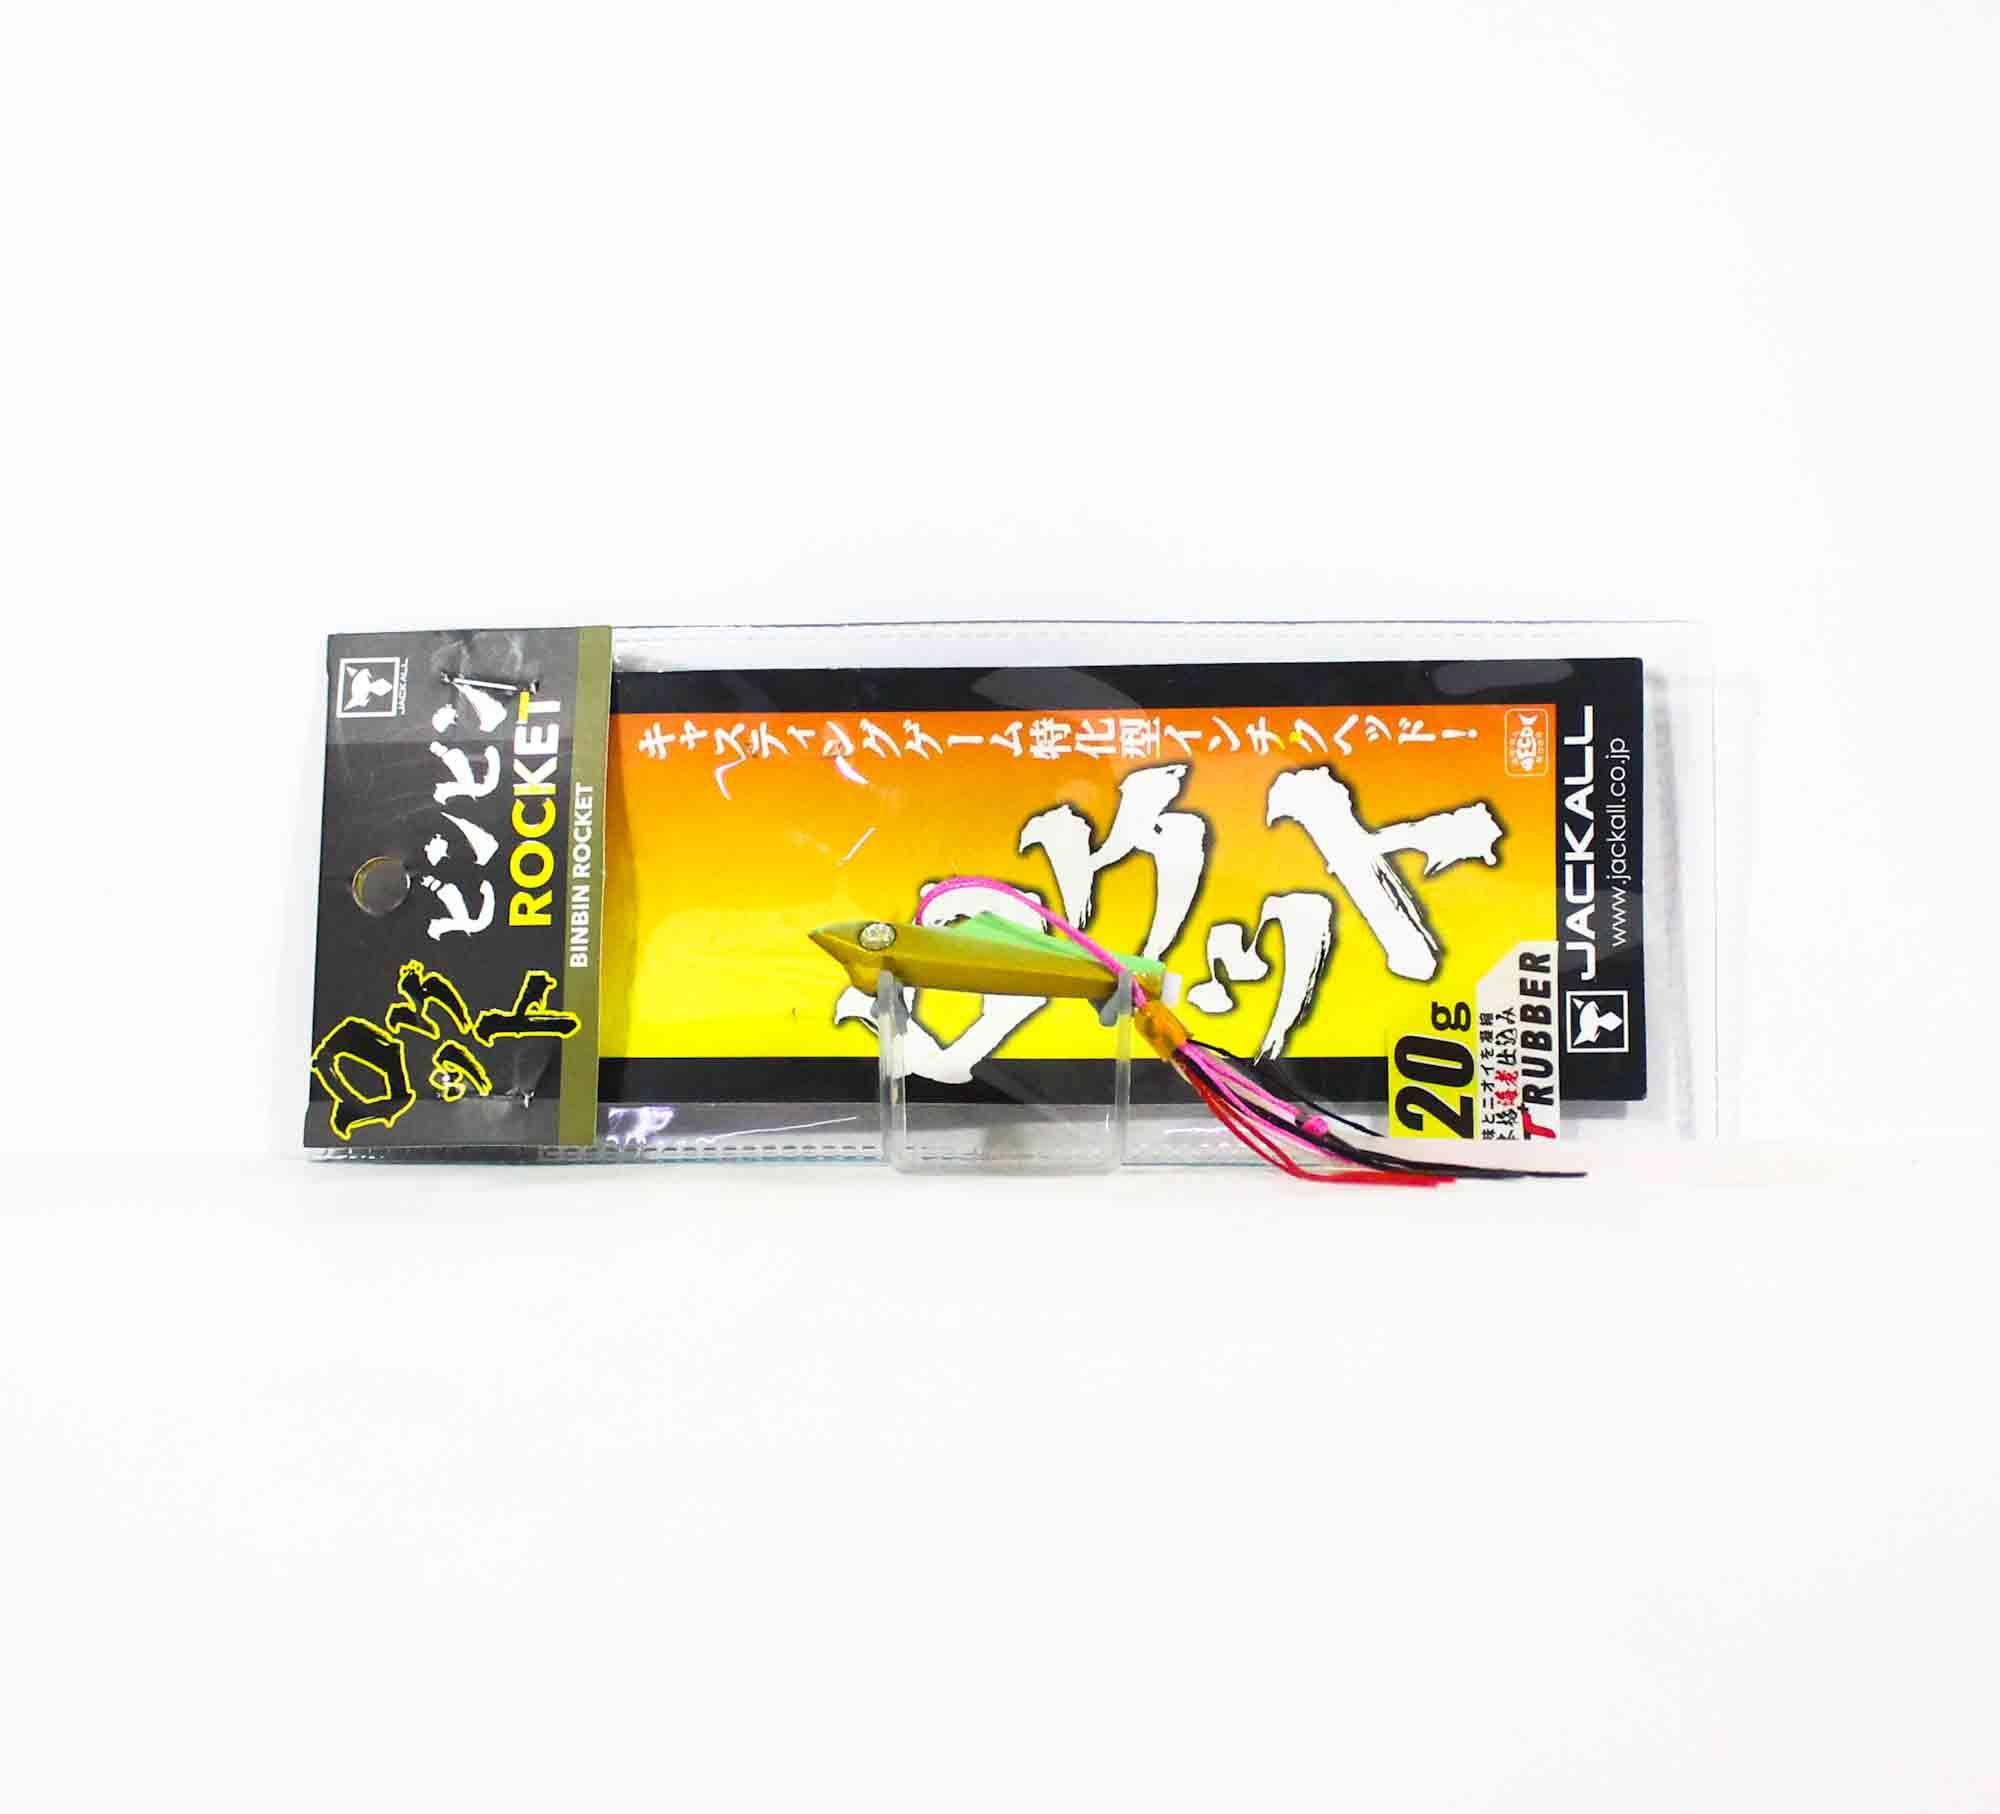 Jackall Bin Bin Rocket 20 grams Inchiku Chart Glow Gold (3710)